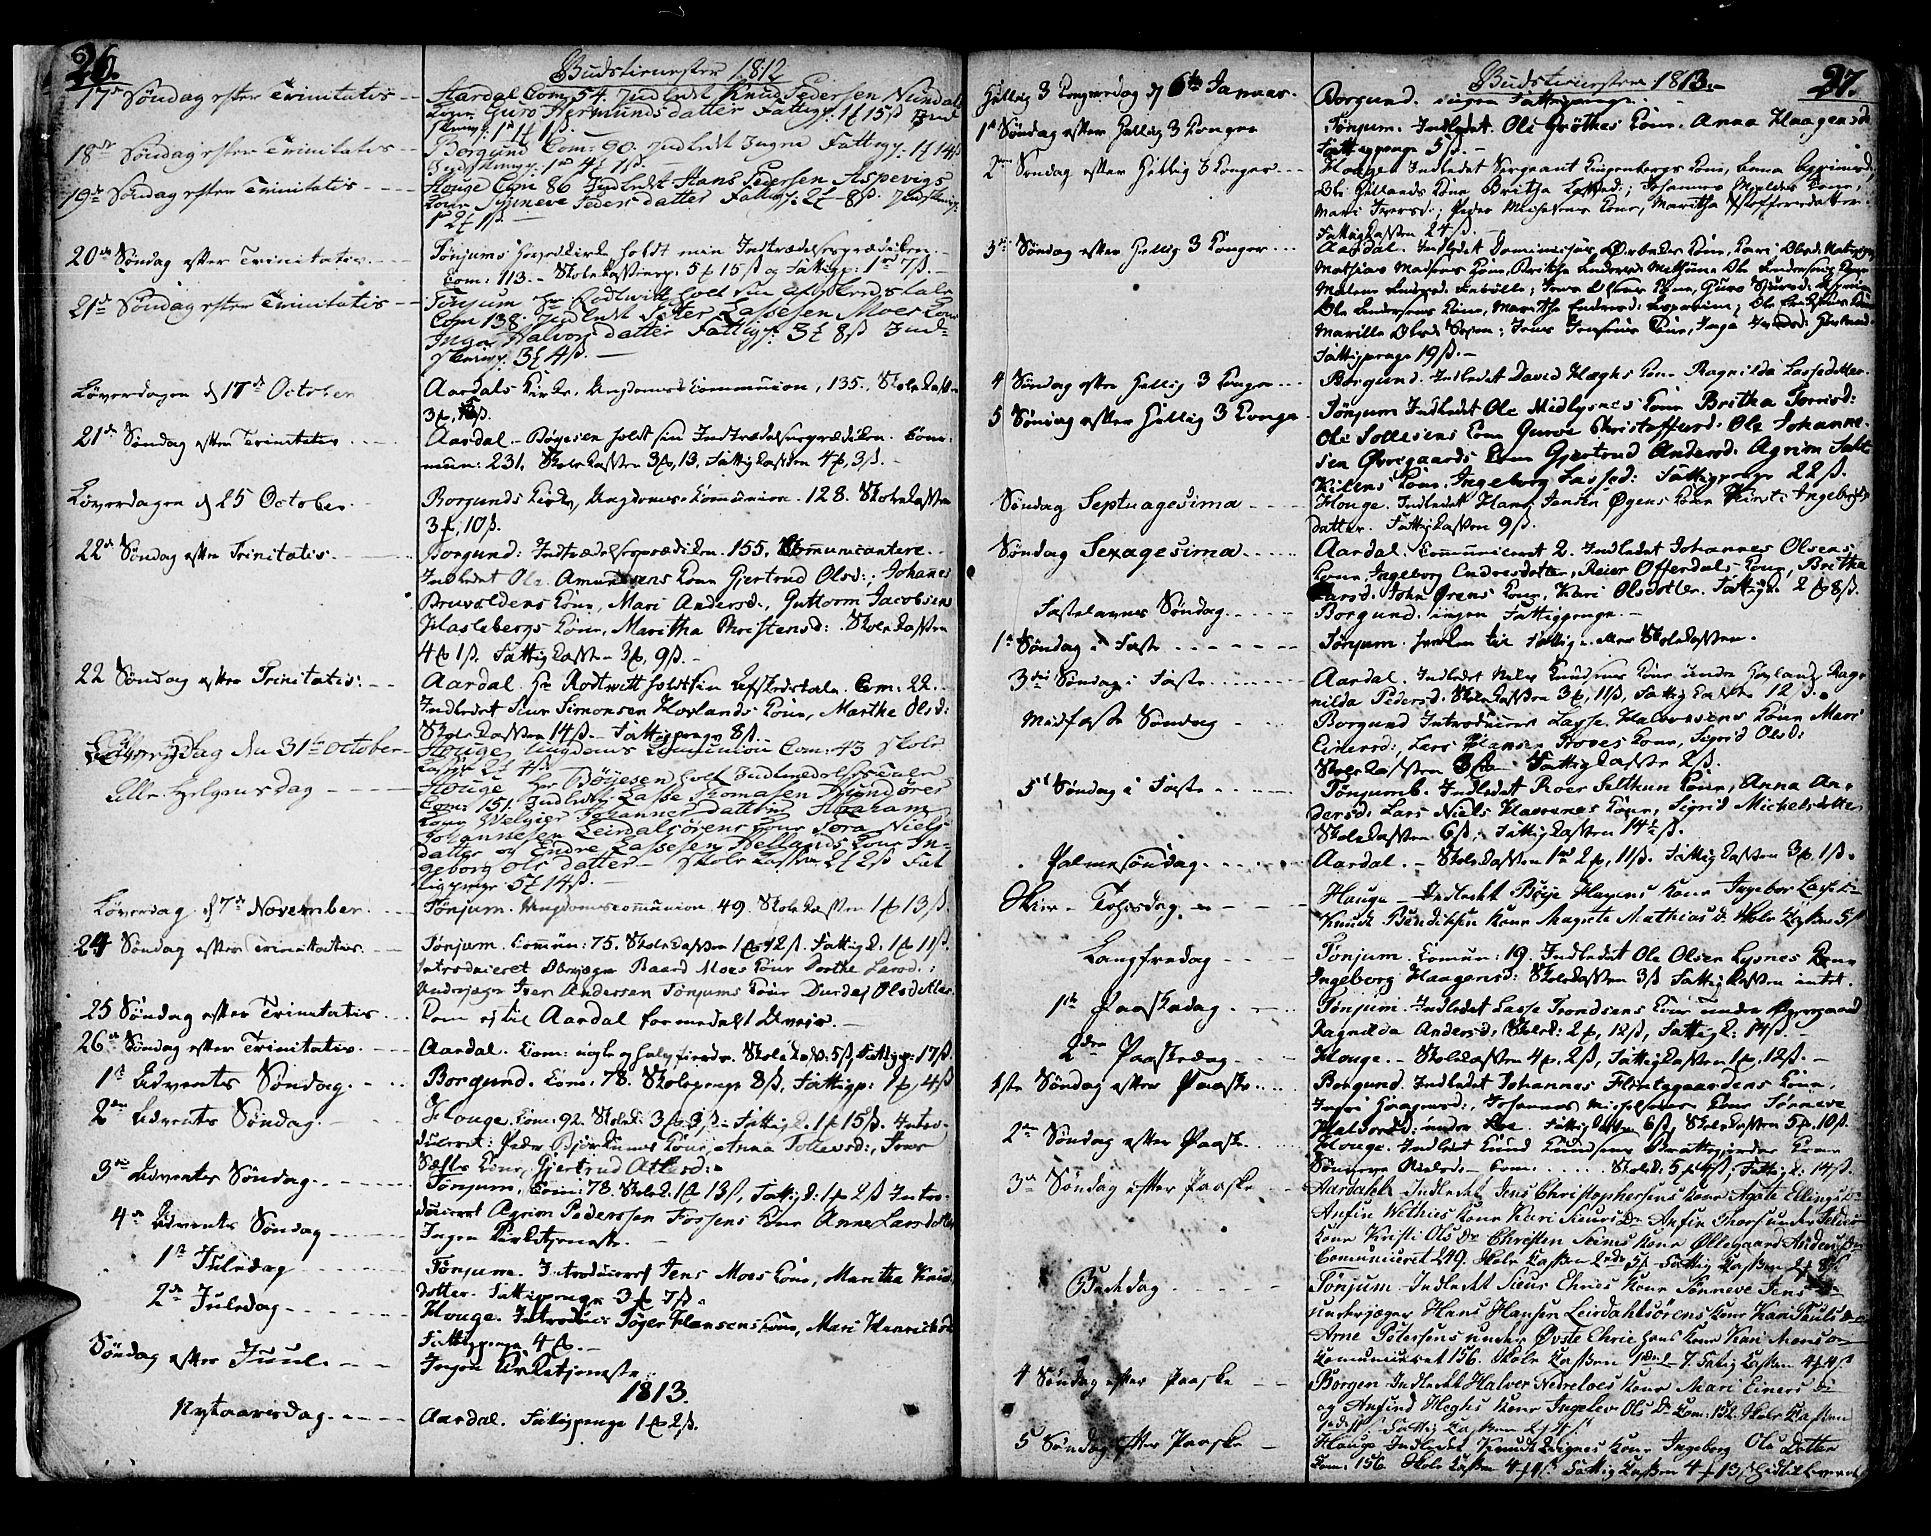 SAB, Lærdal sokneprestembete, Ministerialbok nr. A 4, 1805-1821, s. 26-27